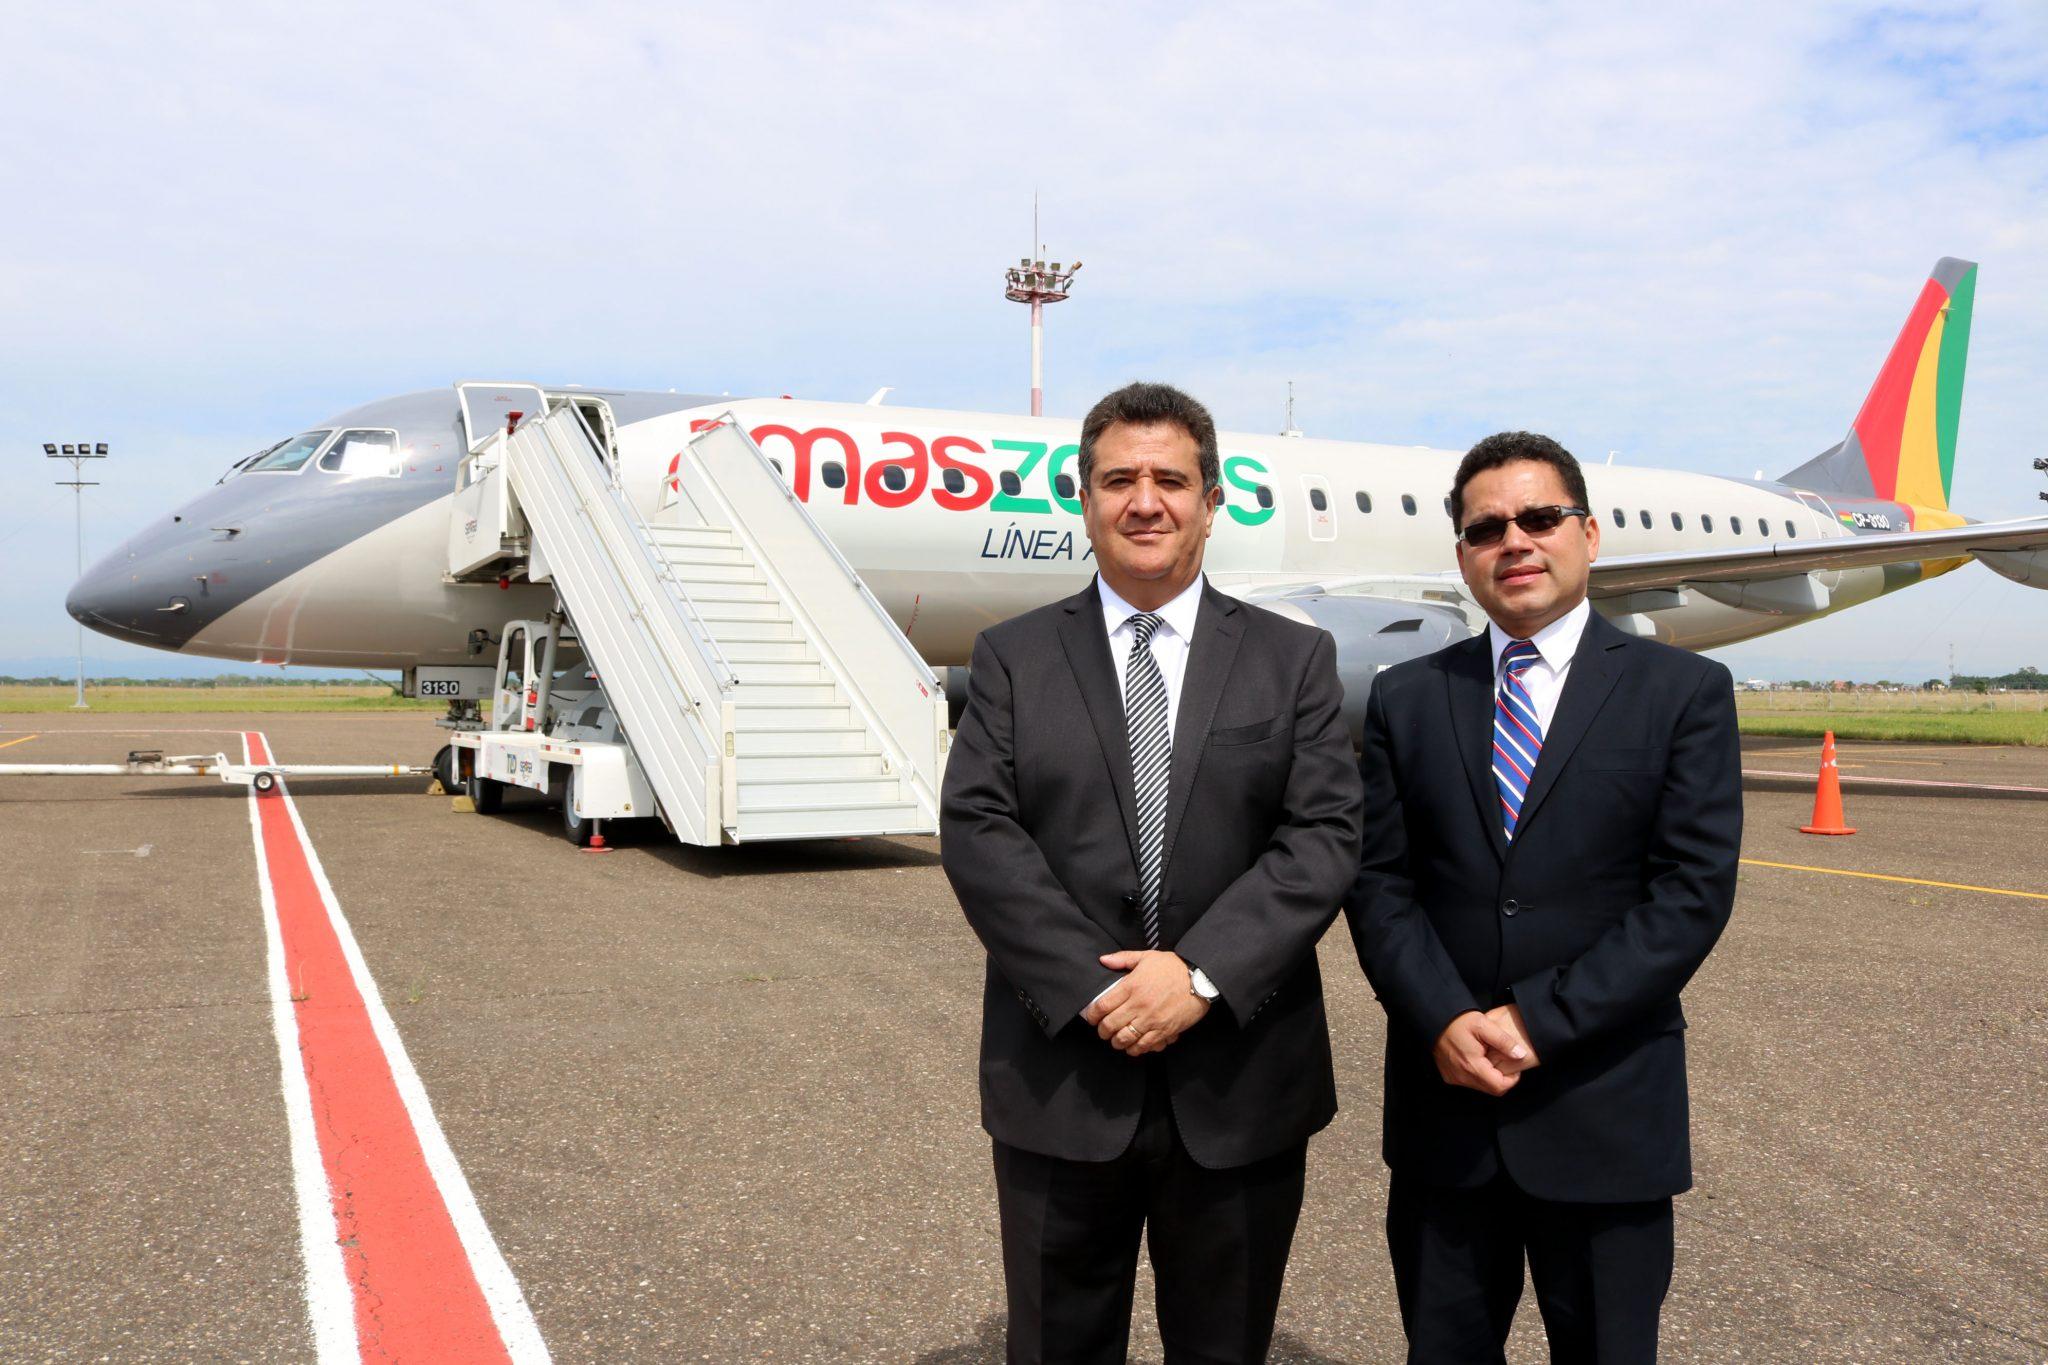 Amaszonas renueva su flota de aviones y presenta su EMBRAER (+ fotos) | La  Época- Con sentido de momento histórico